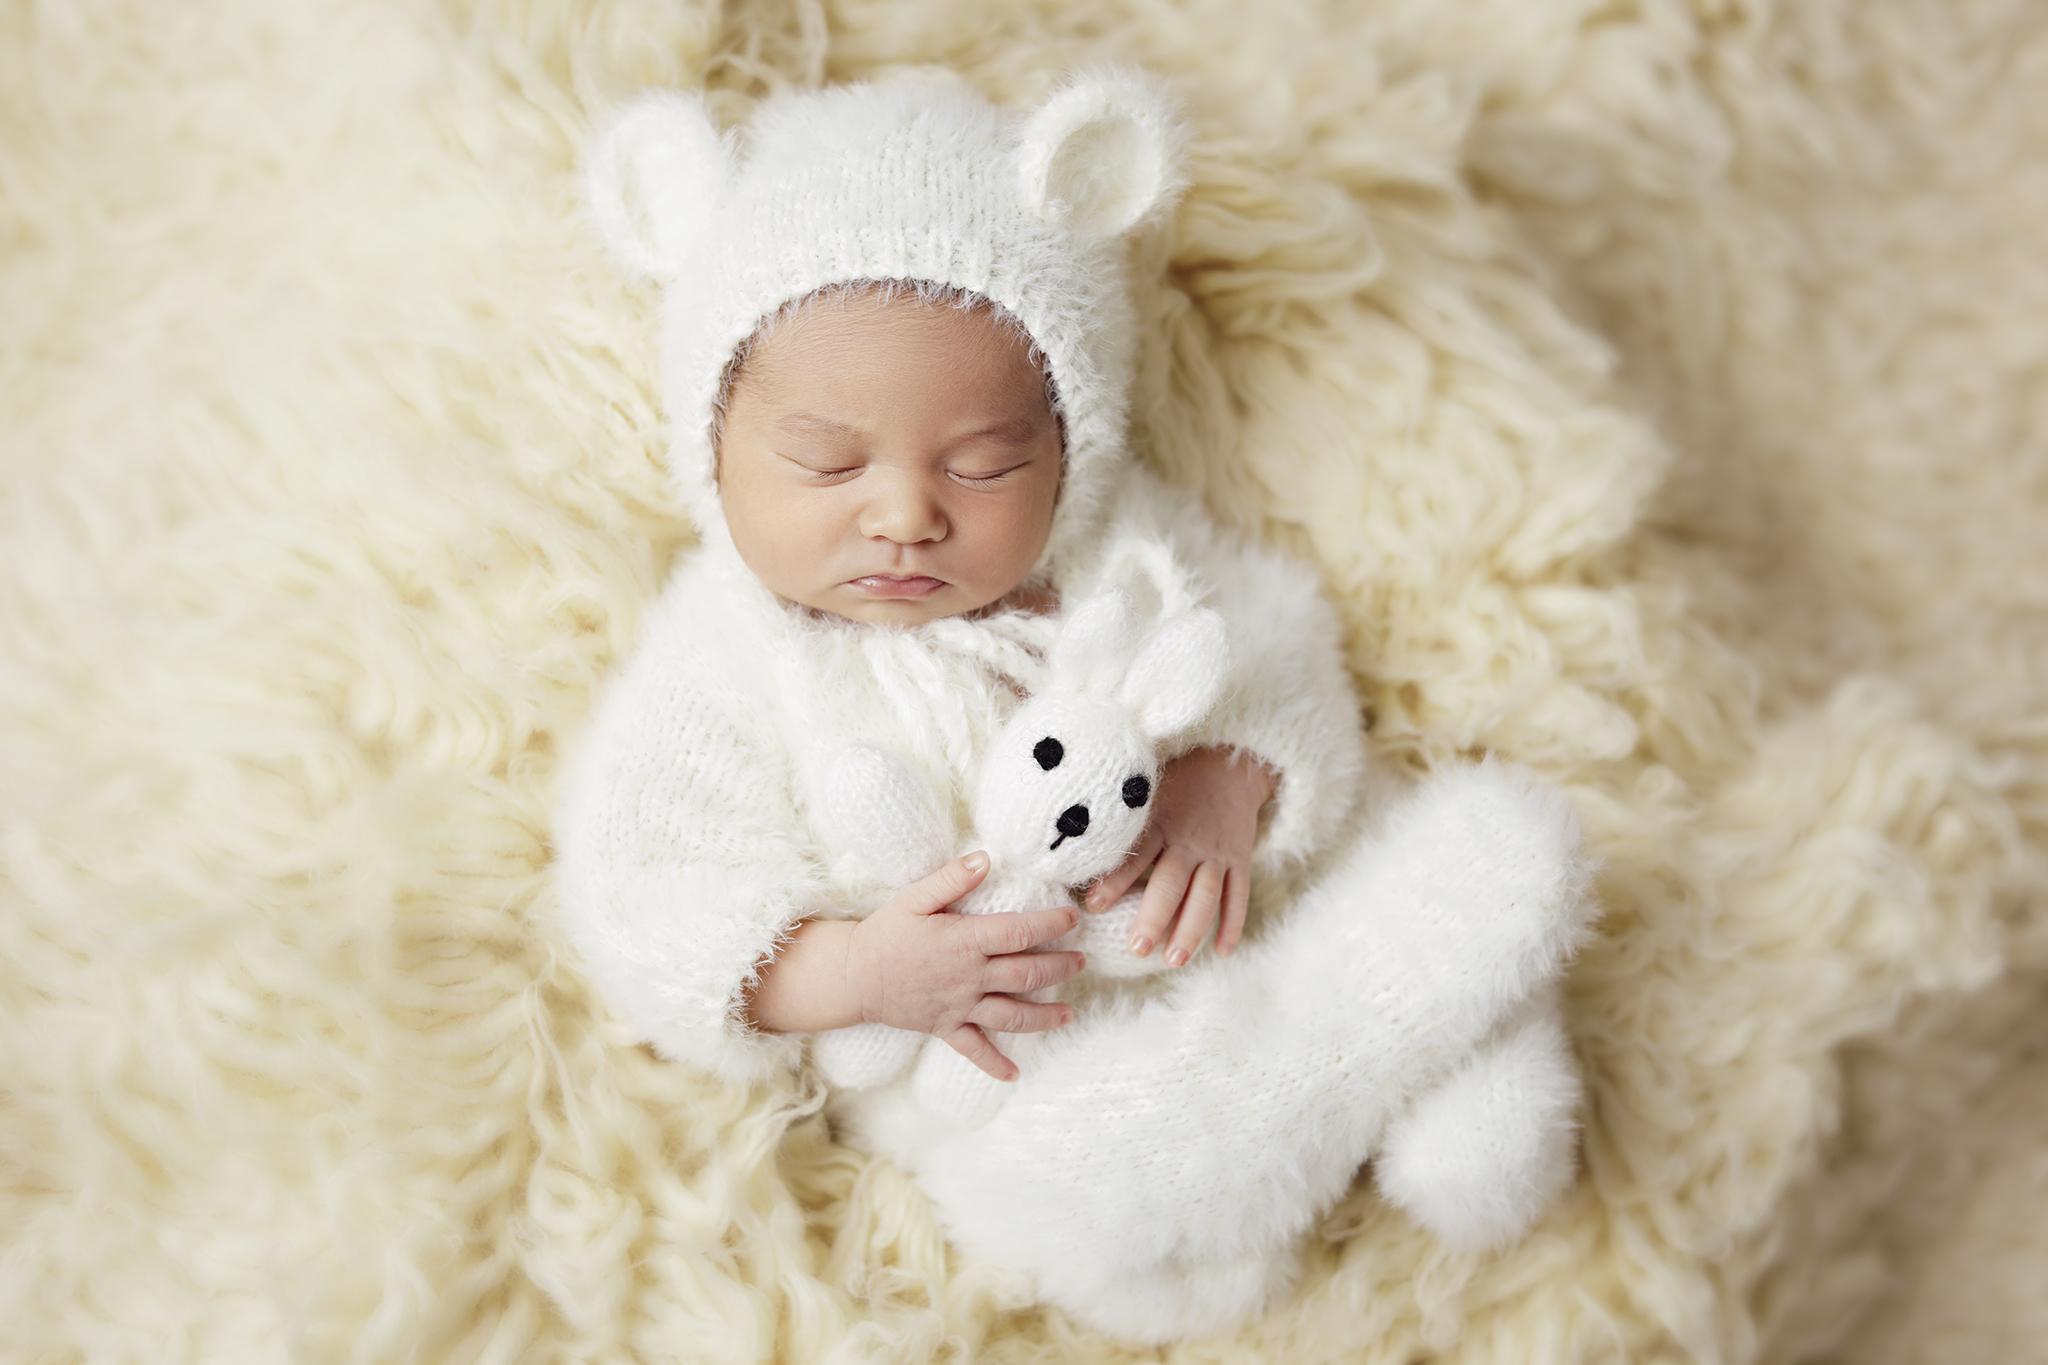 michael Stief Babyfotografie Muenchen13.jpg